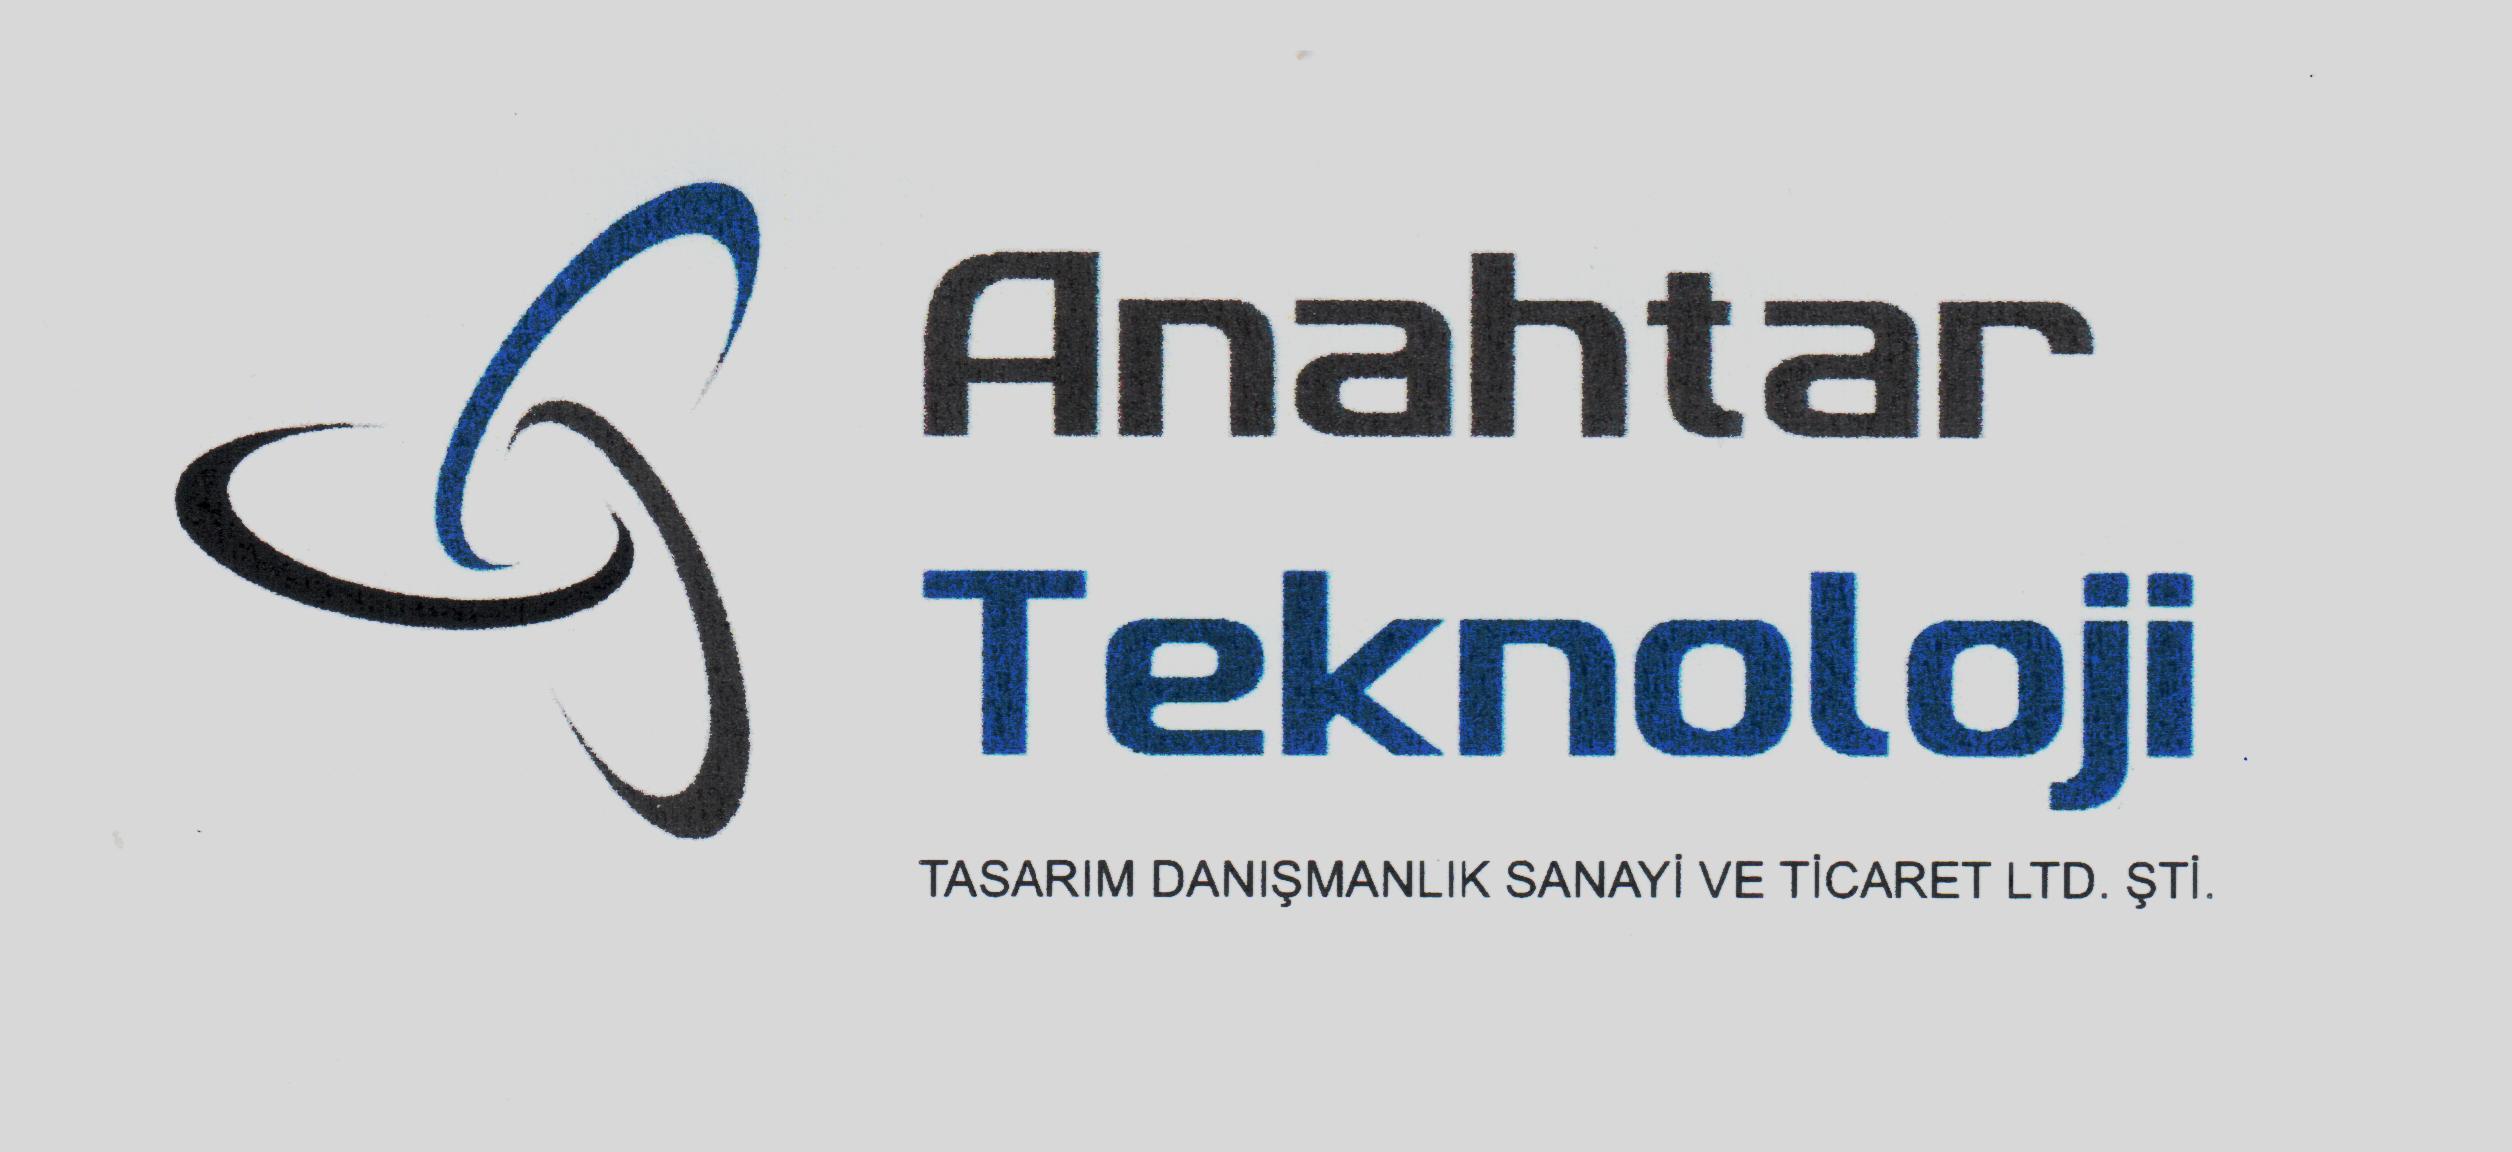 Anahtar Teknoloji TasarımDanışmanlık San.ve Tic. Ltd. Şti.